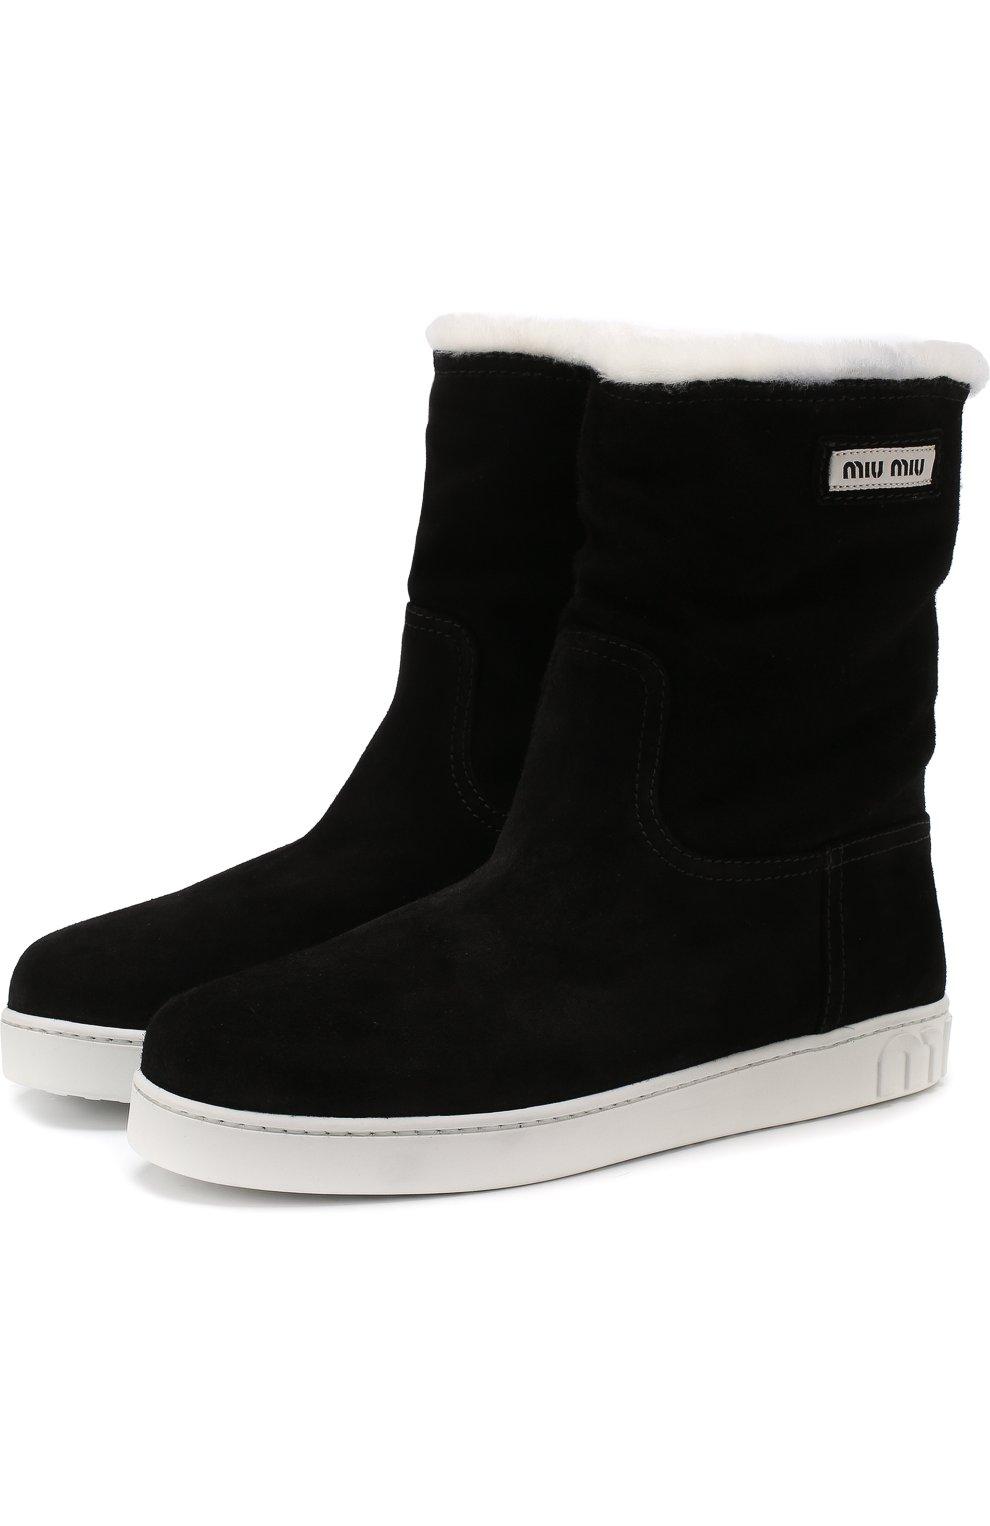 Женская обувь Miu Miu по цене от 21 100 руб. купить в интернет-магазине ЦУМ a12c0606d20